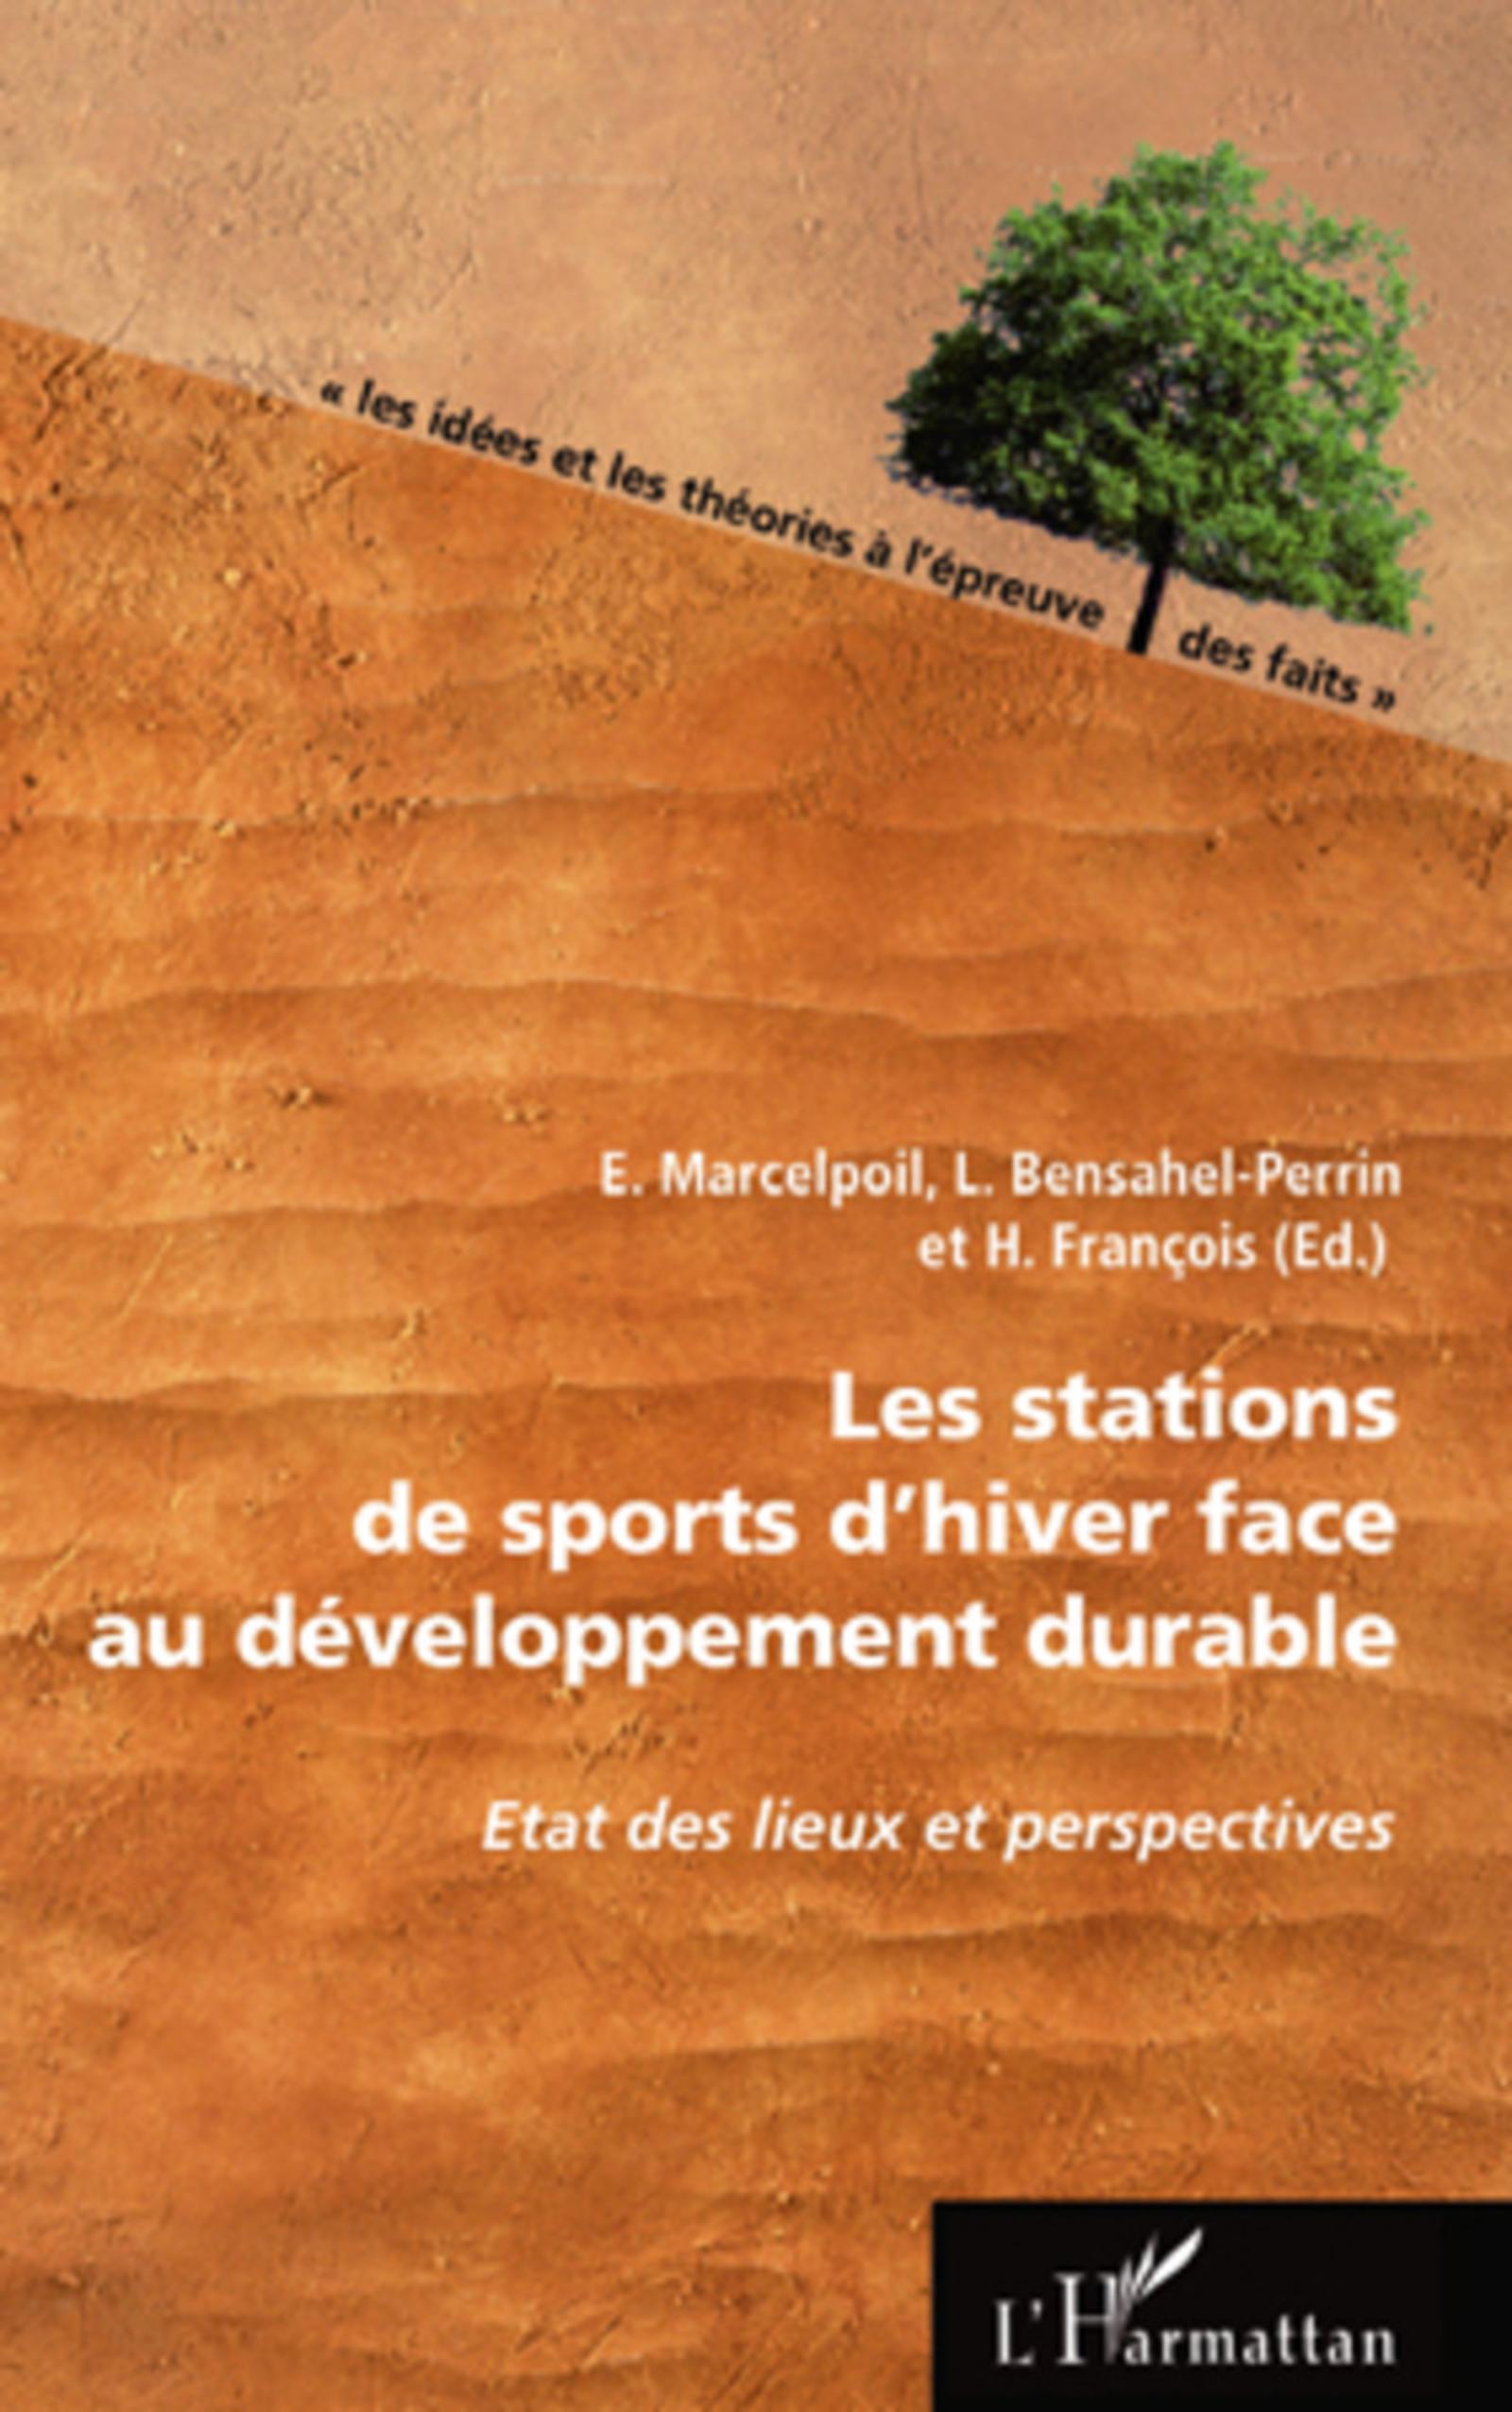 Les stations de sports d'hiver face au developpement durable ; état des lieux et perspectives